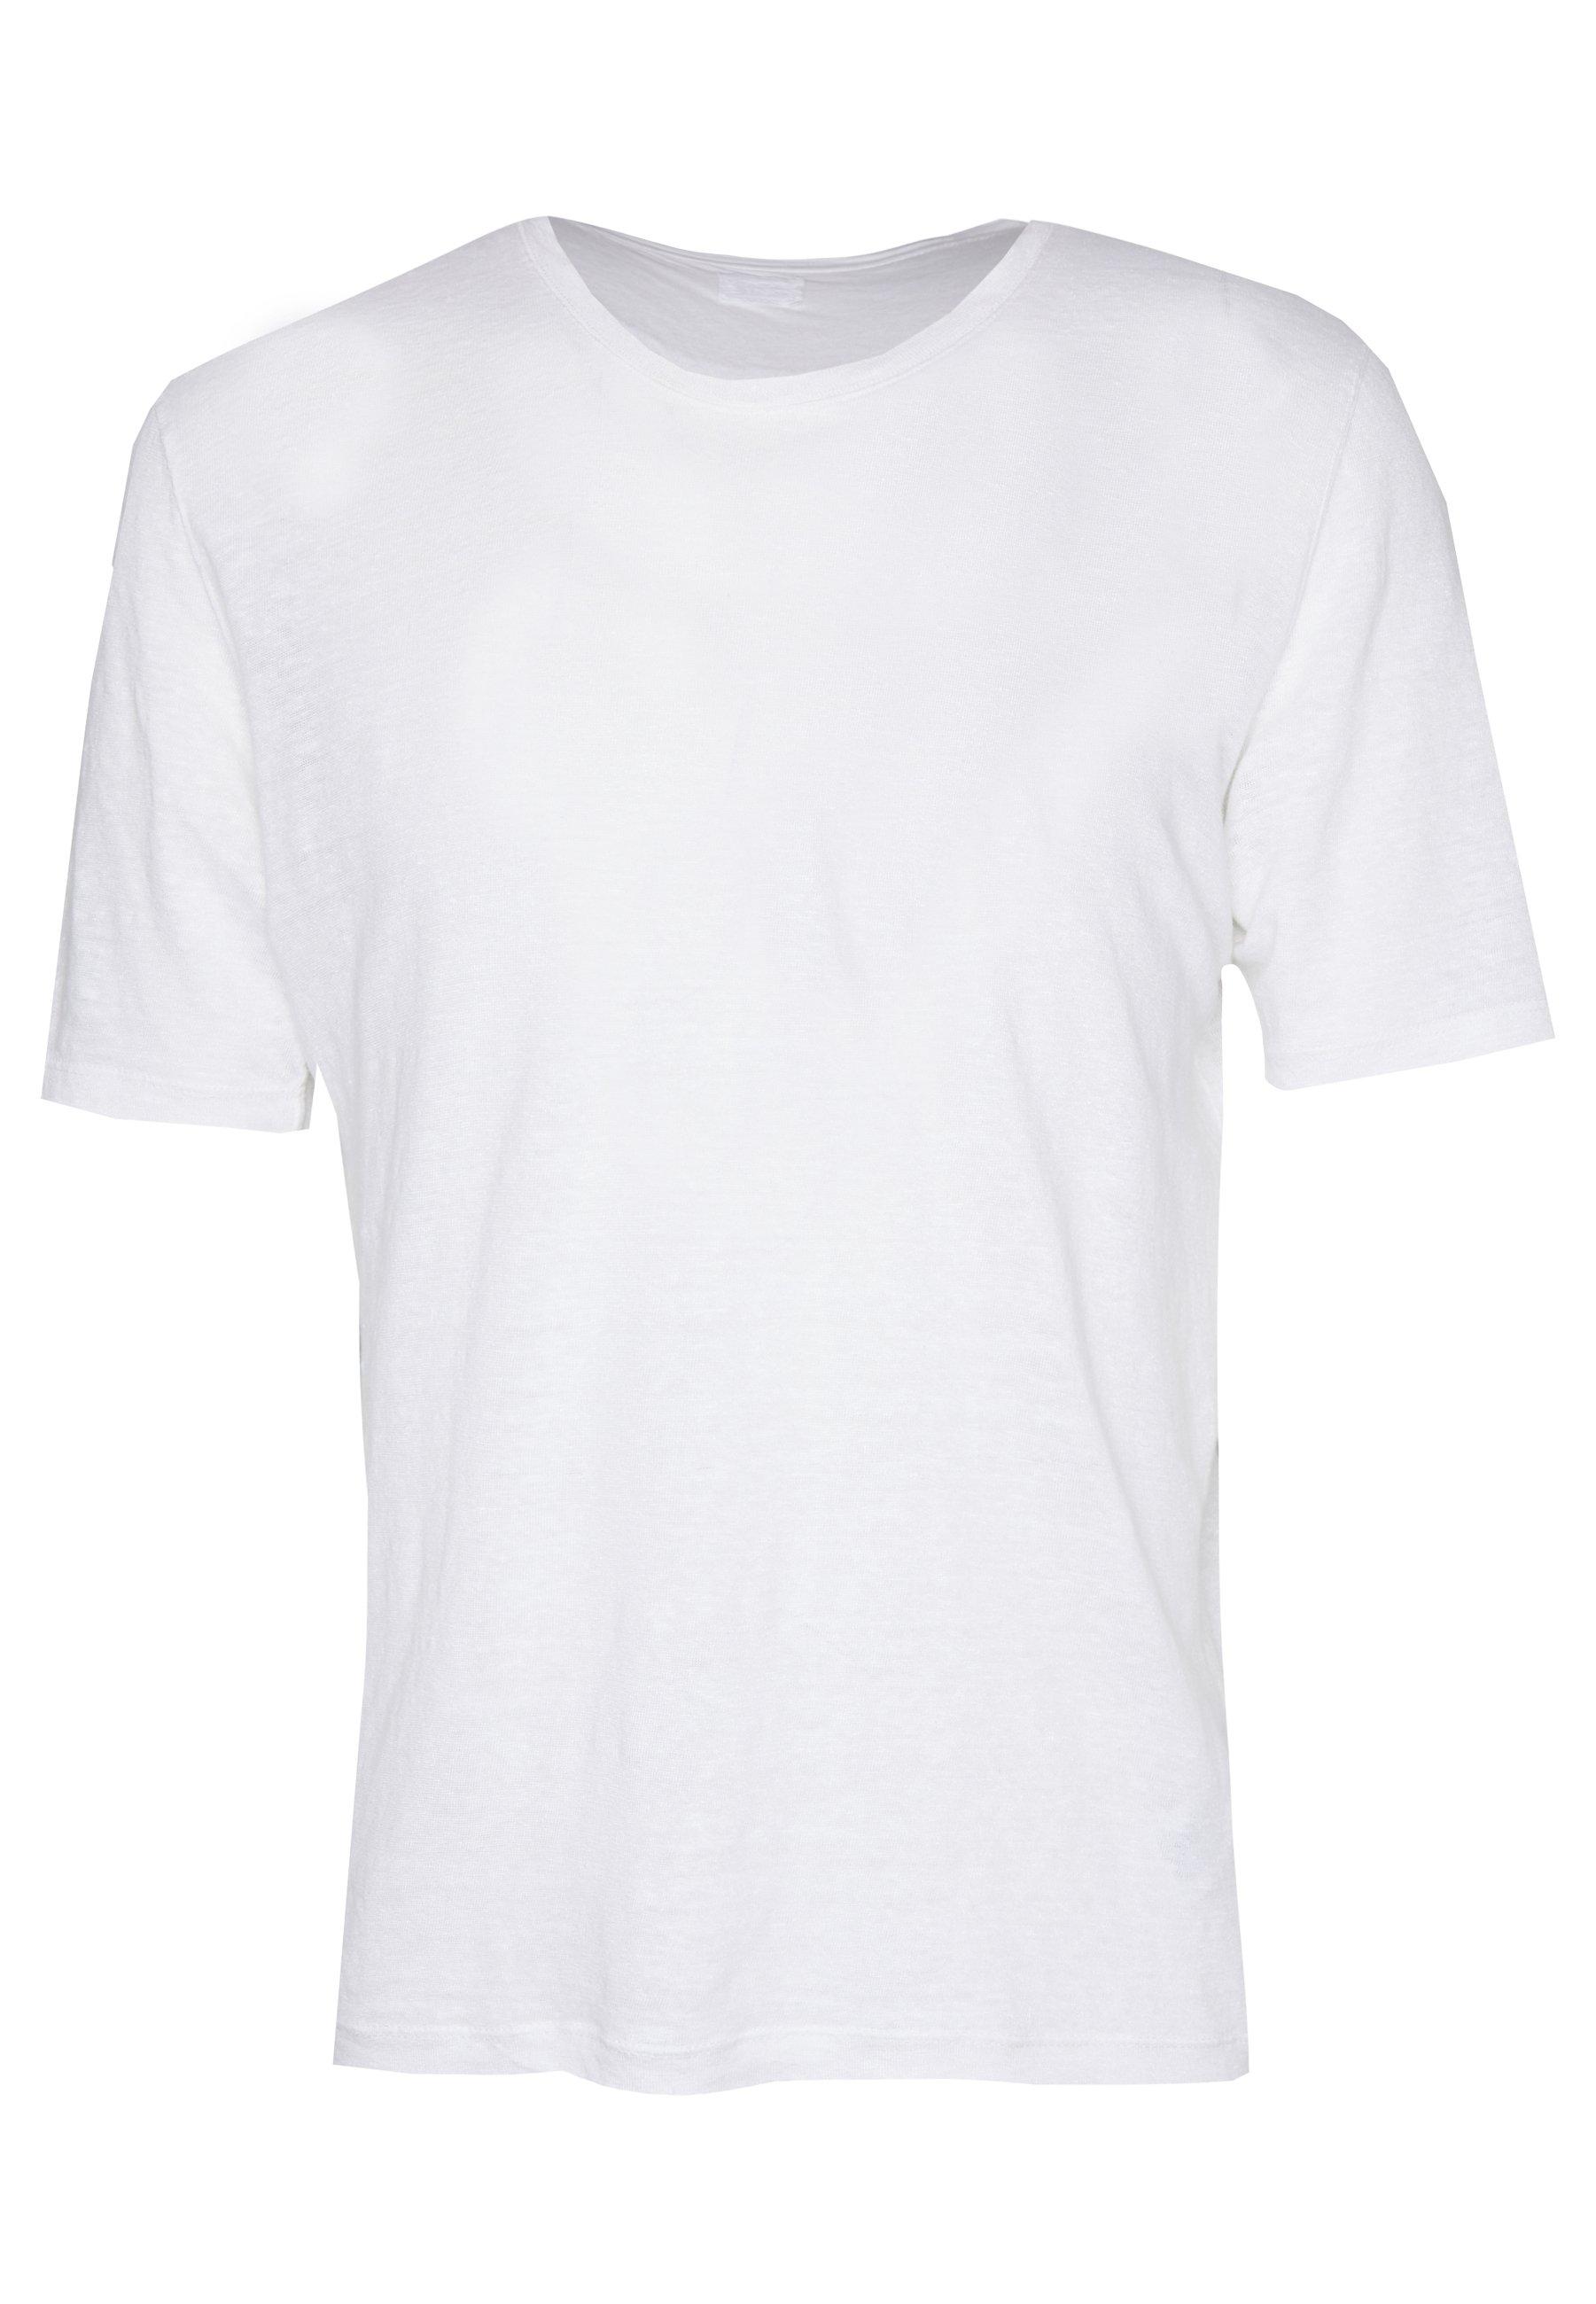 120% Lino T-shirt - Bas White Solid